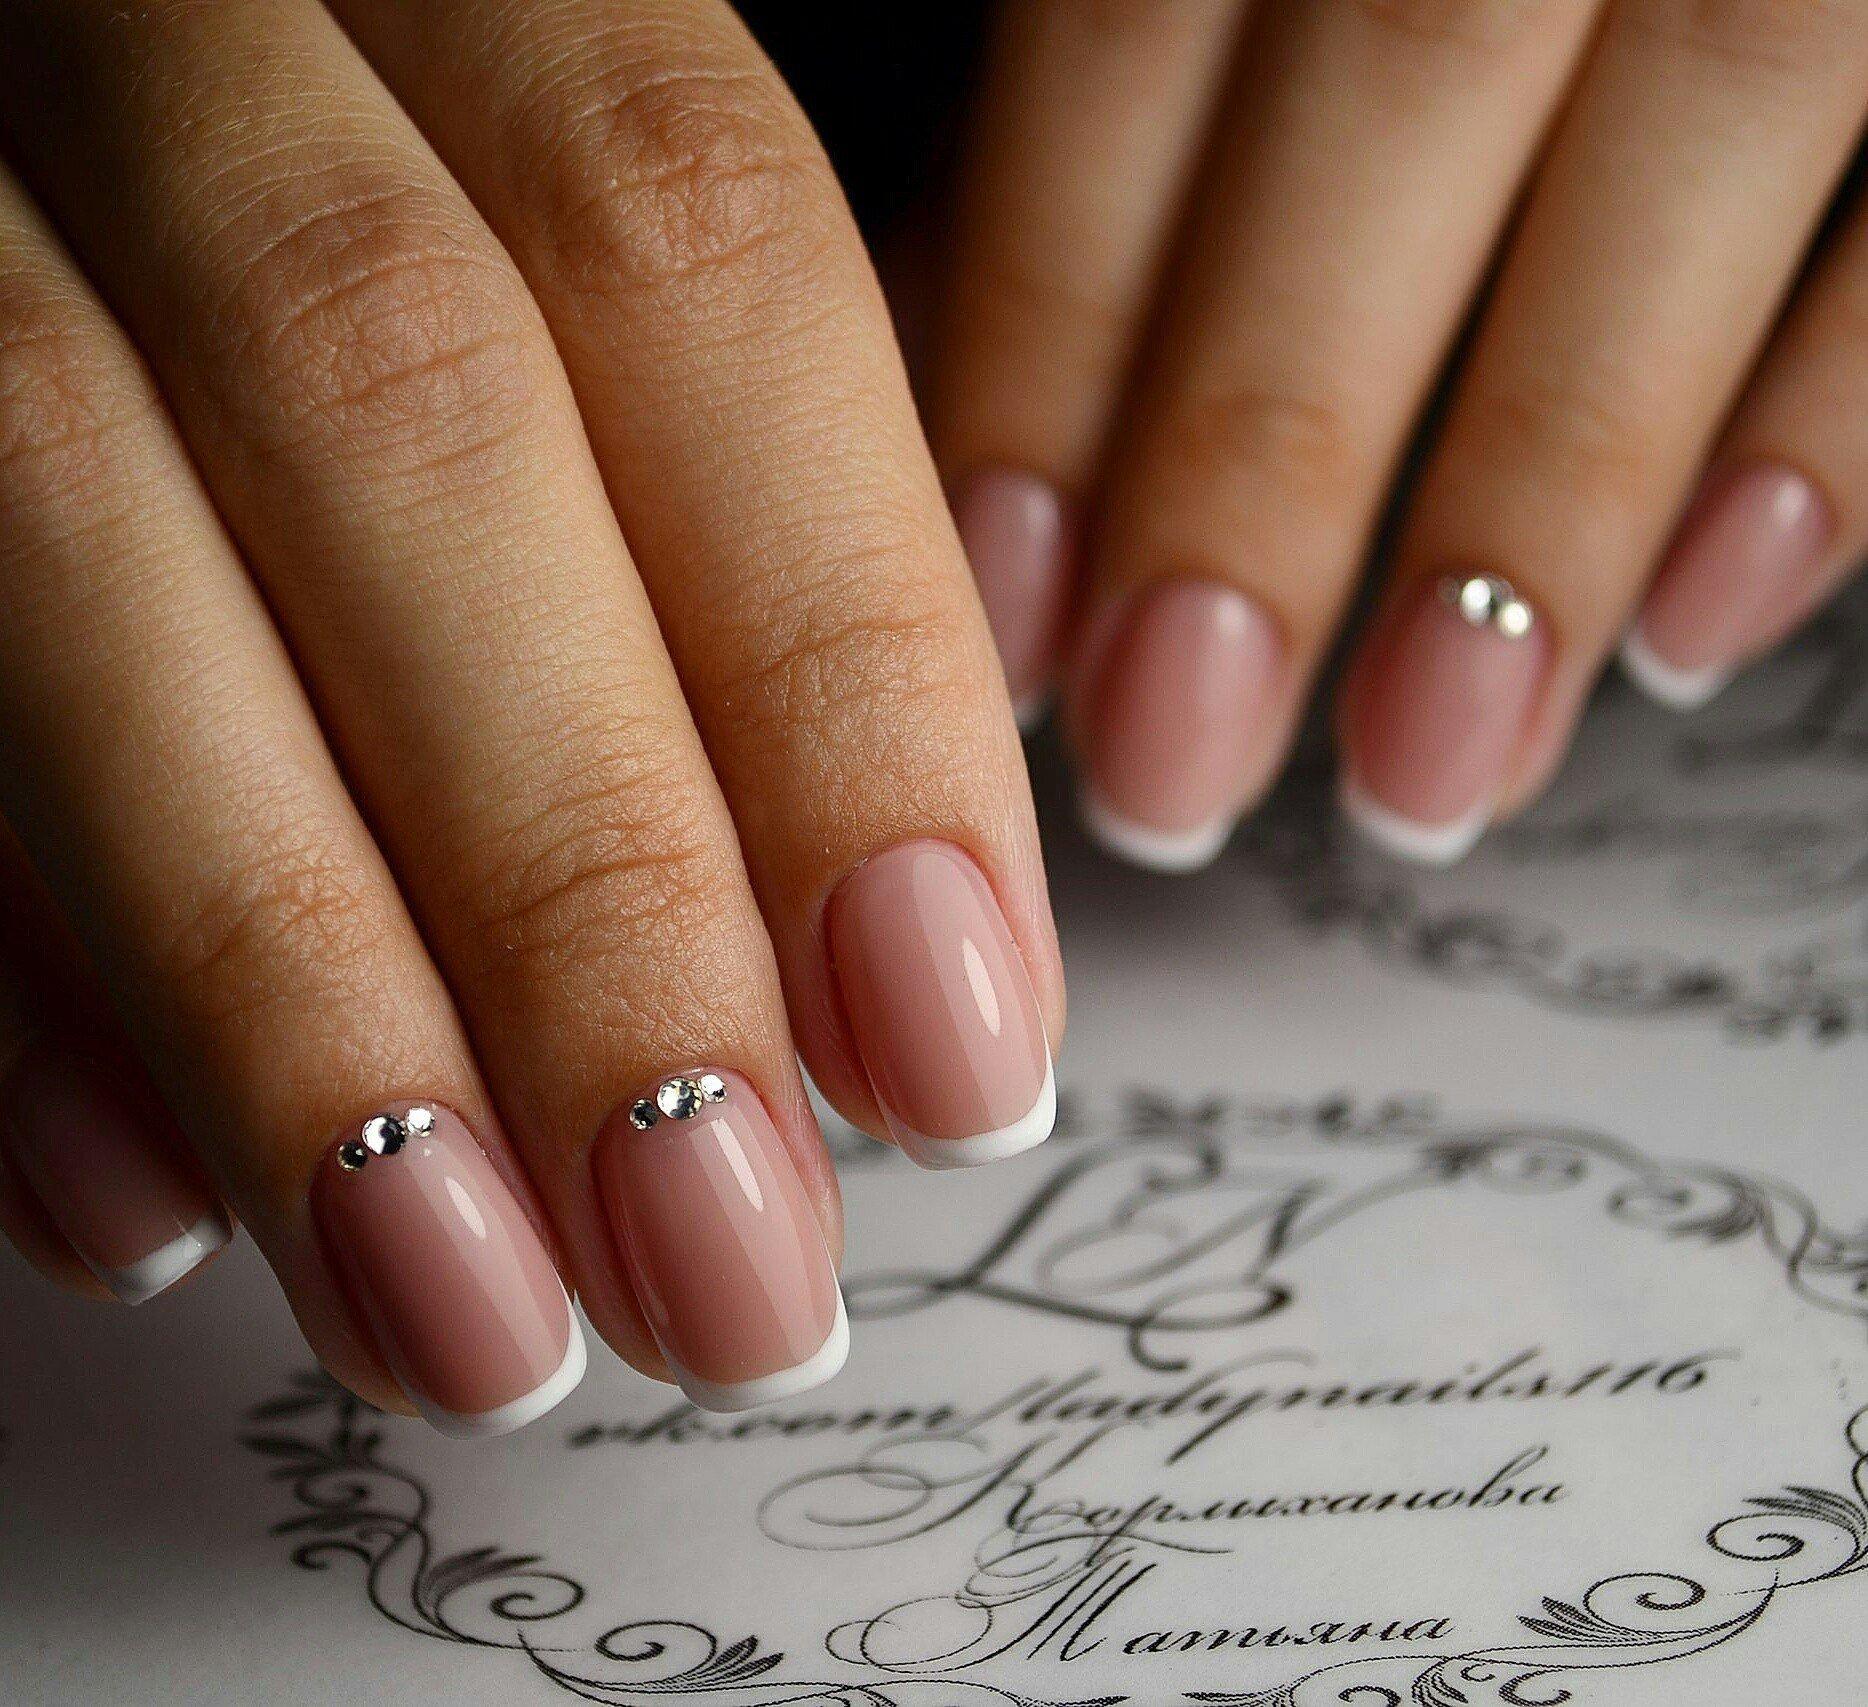 Ногти светлые тона фото френч